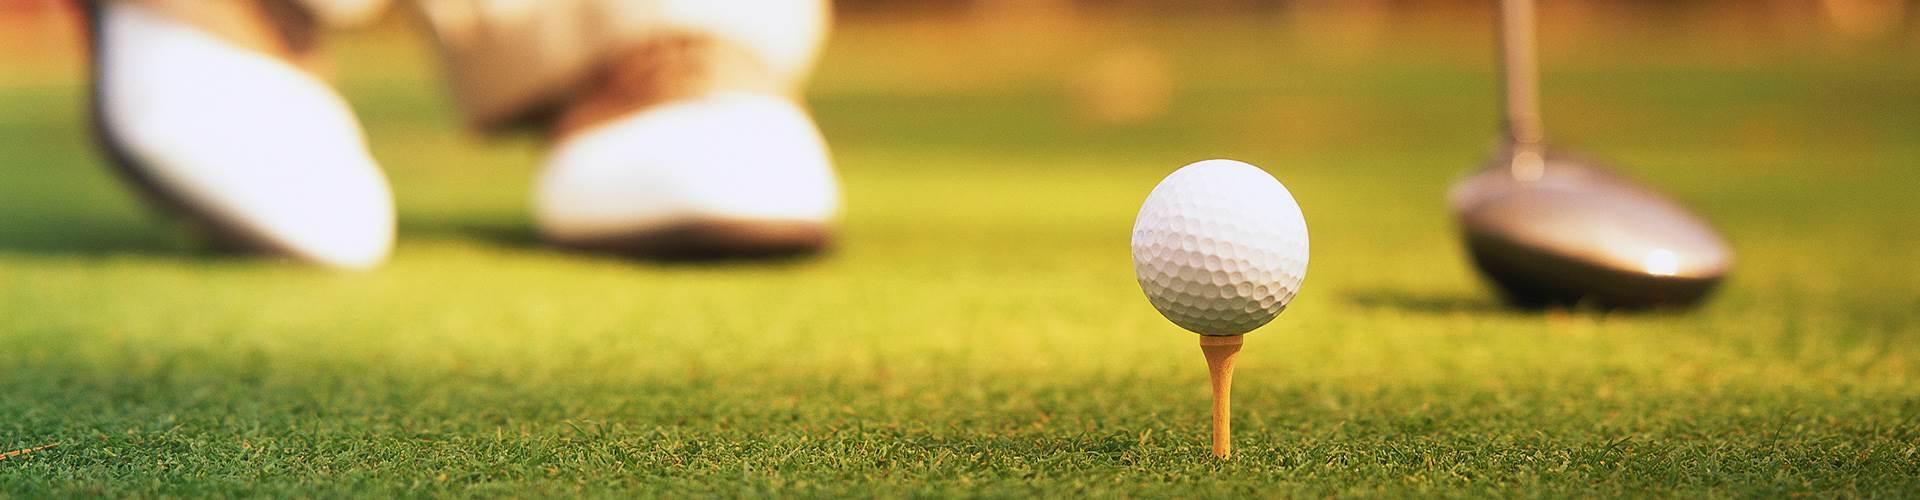 Golfball auf Tee, Golfschläger und Golfschuhe im Detail